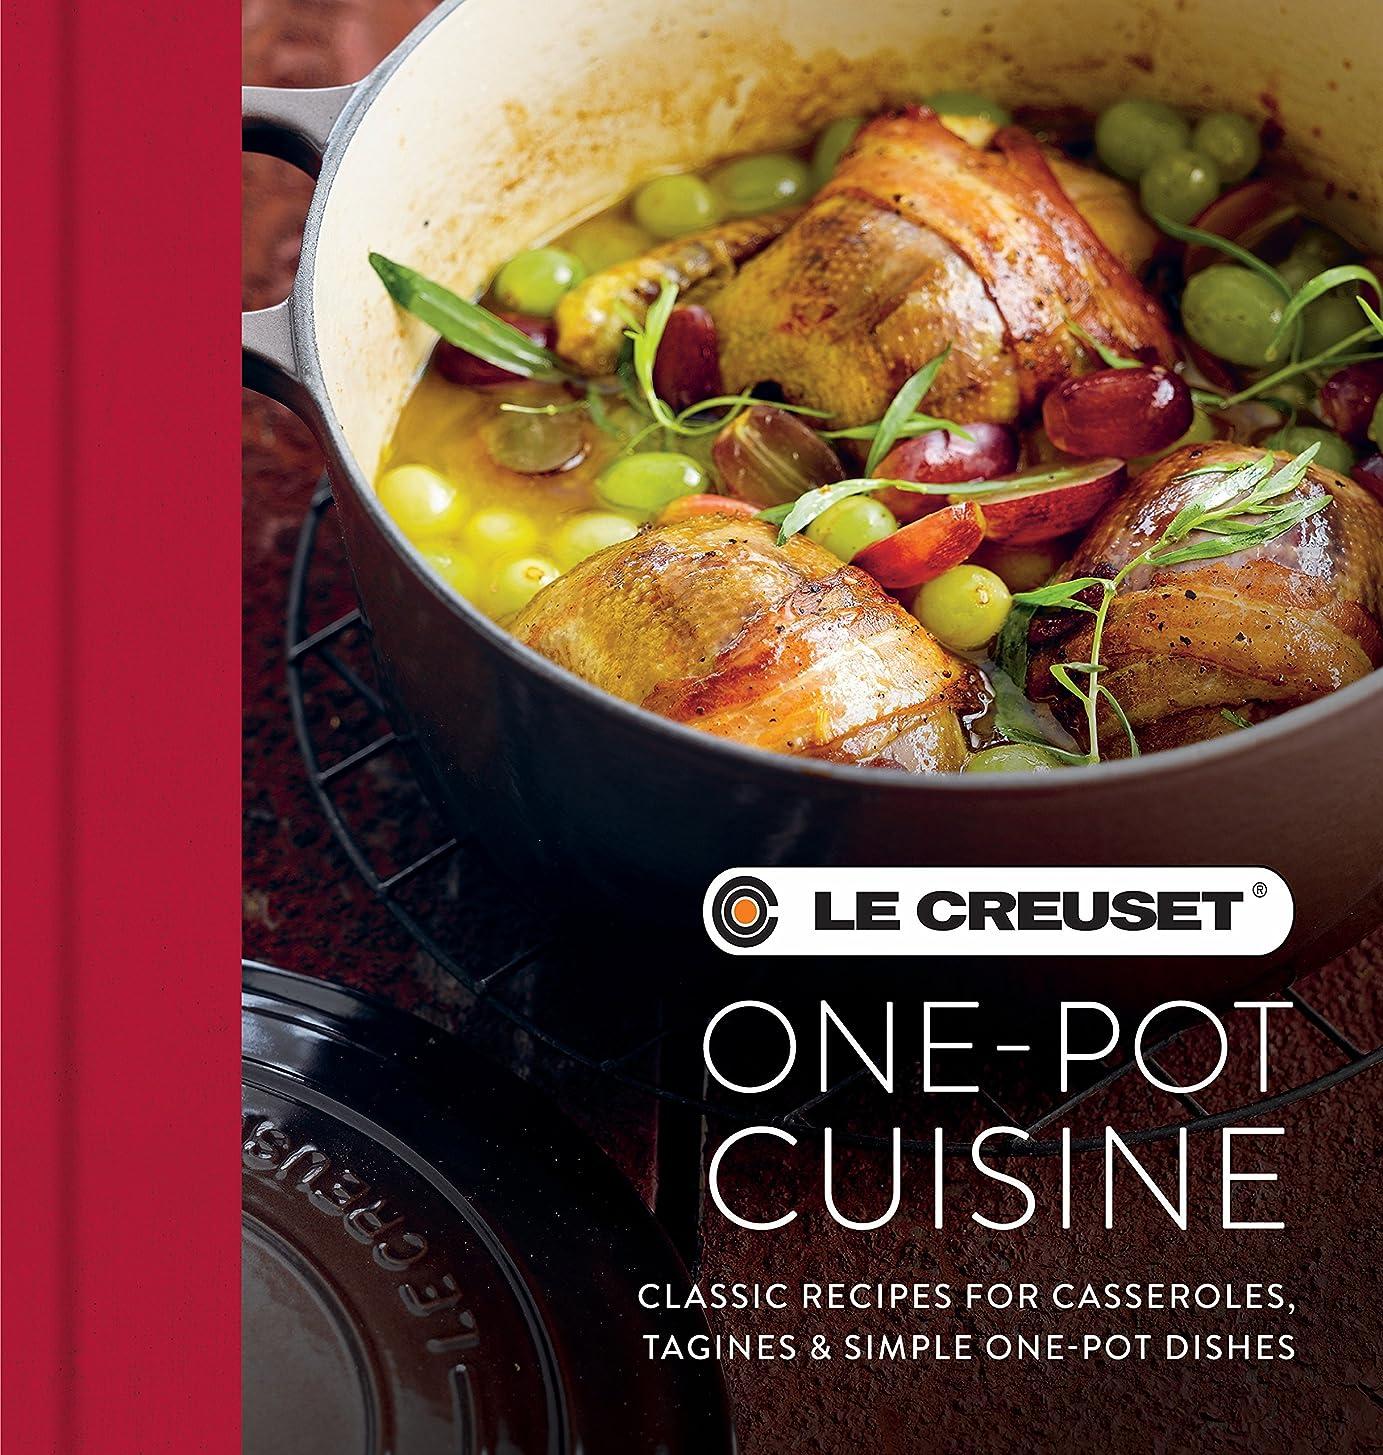 三番ランチ囲いLe Creuset One-pot Cuisine: Classic Recipes for Casseroles, Tagines & Simple One-pot Dishes (English Edition)